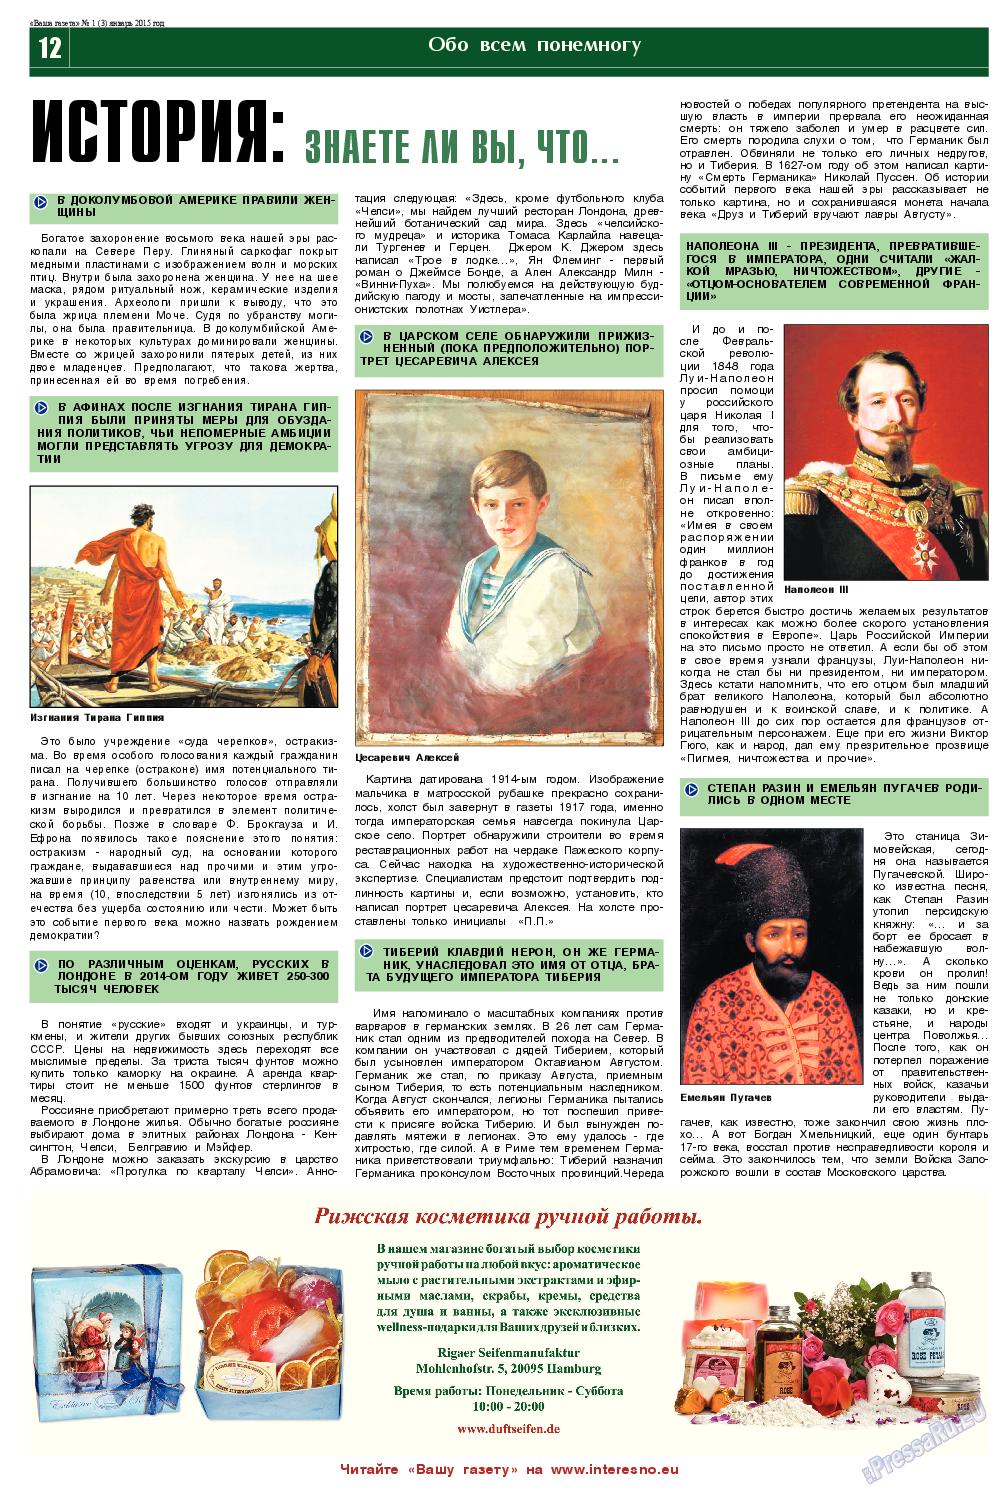 Ваша газета (газета). 2015 год, номер 1, стр. 12